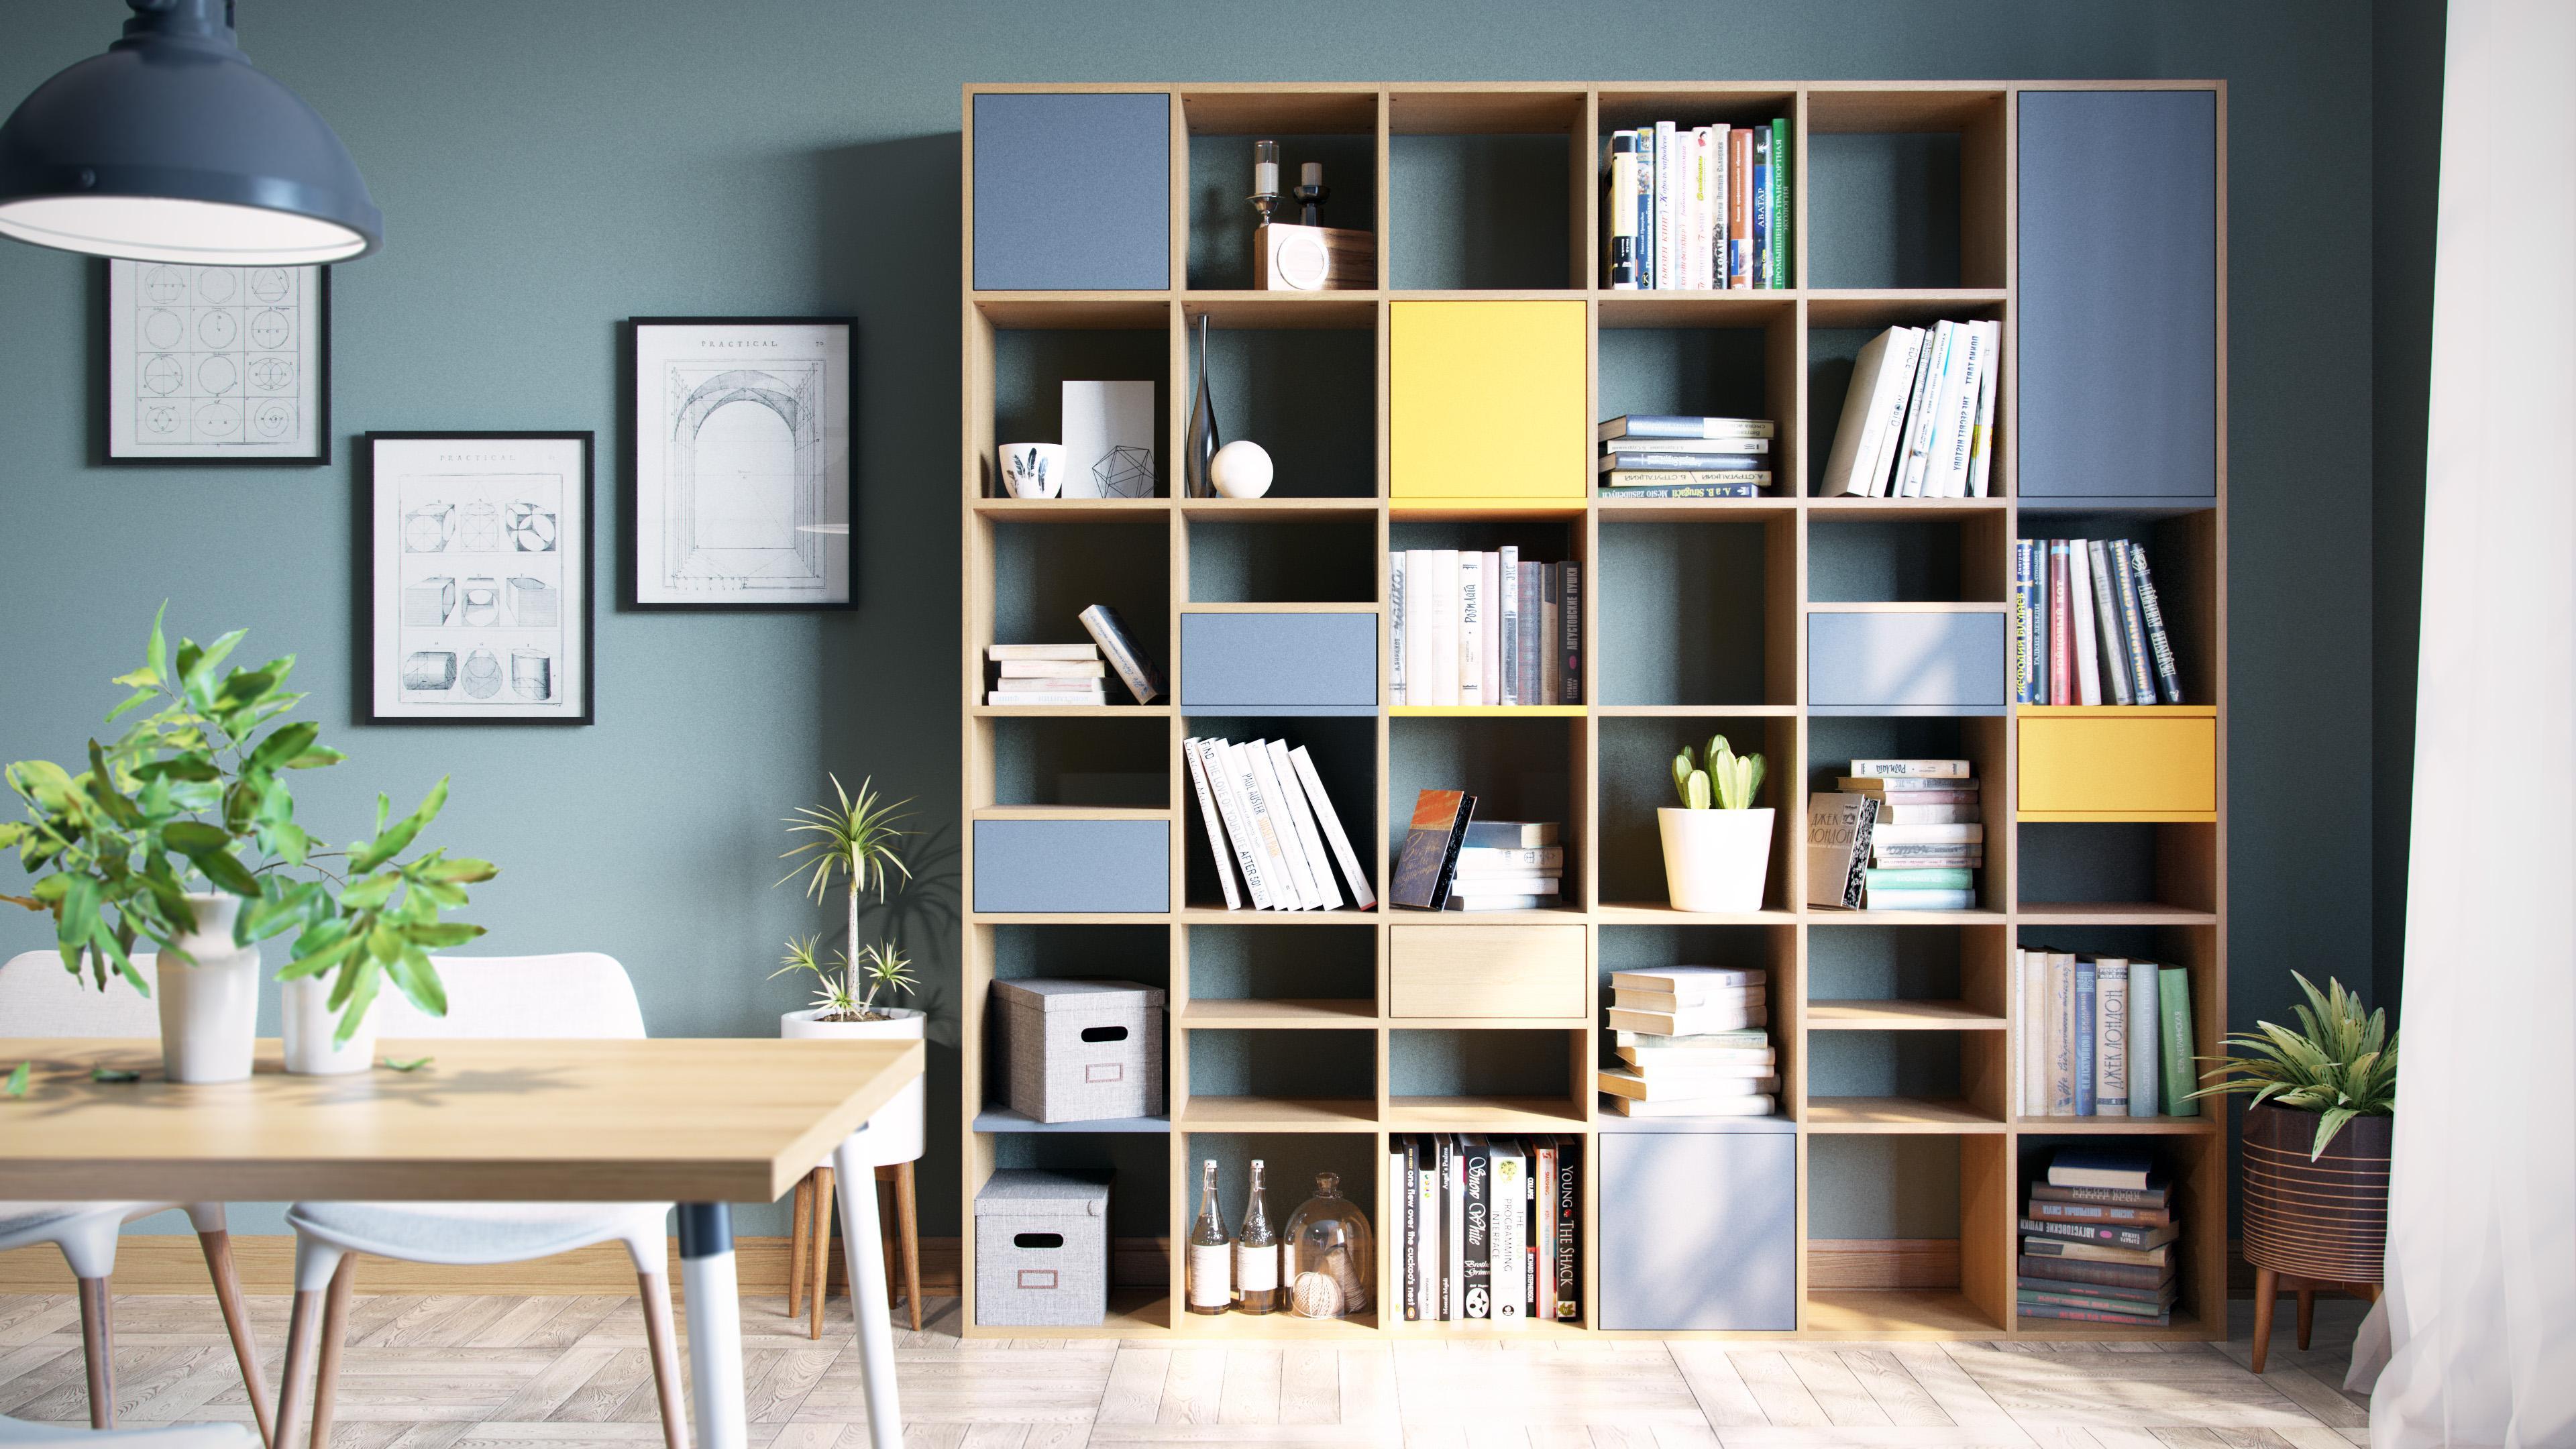 Schön Das Regalsystem In Buche Für Ihr Wohnzimmer #regal #regalsystem ©mycs GmbH